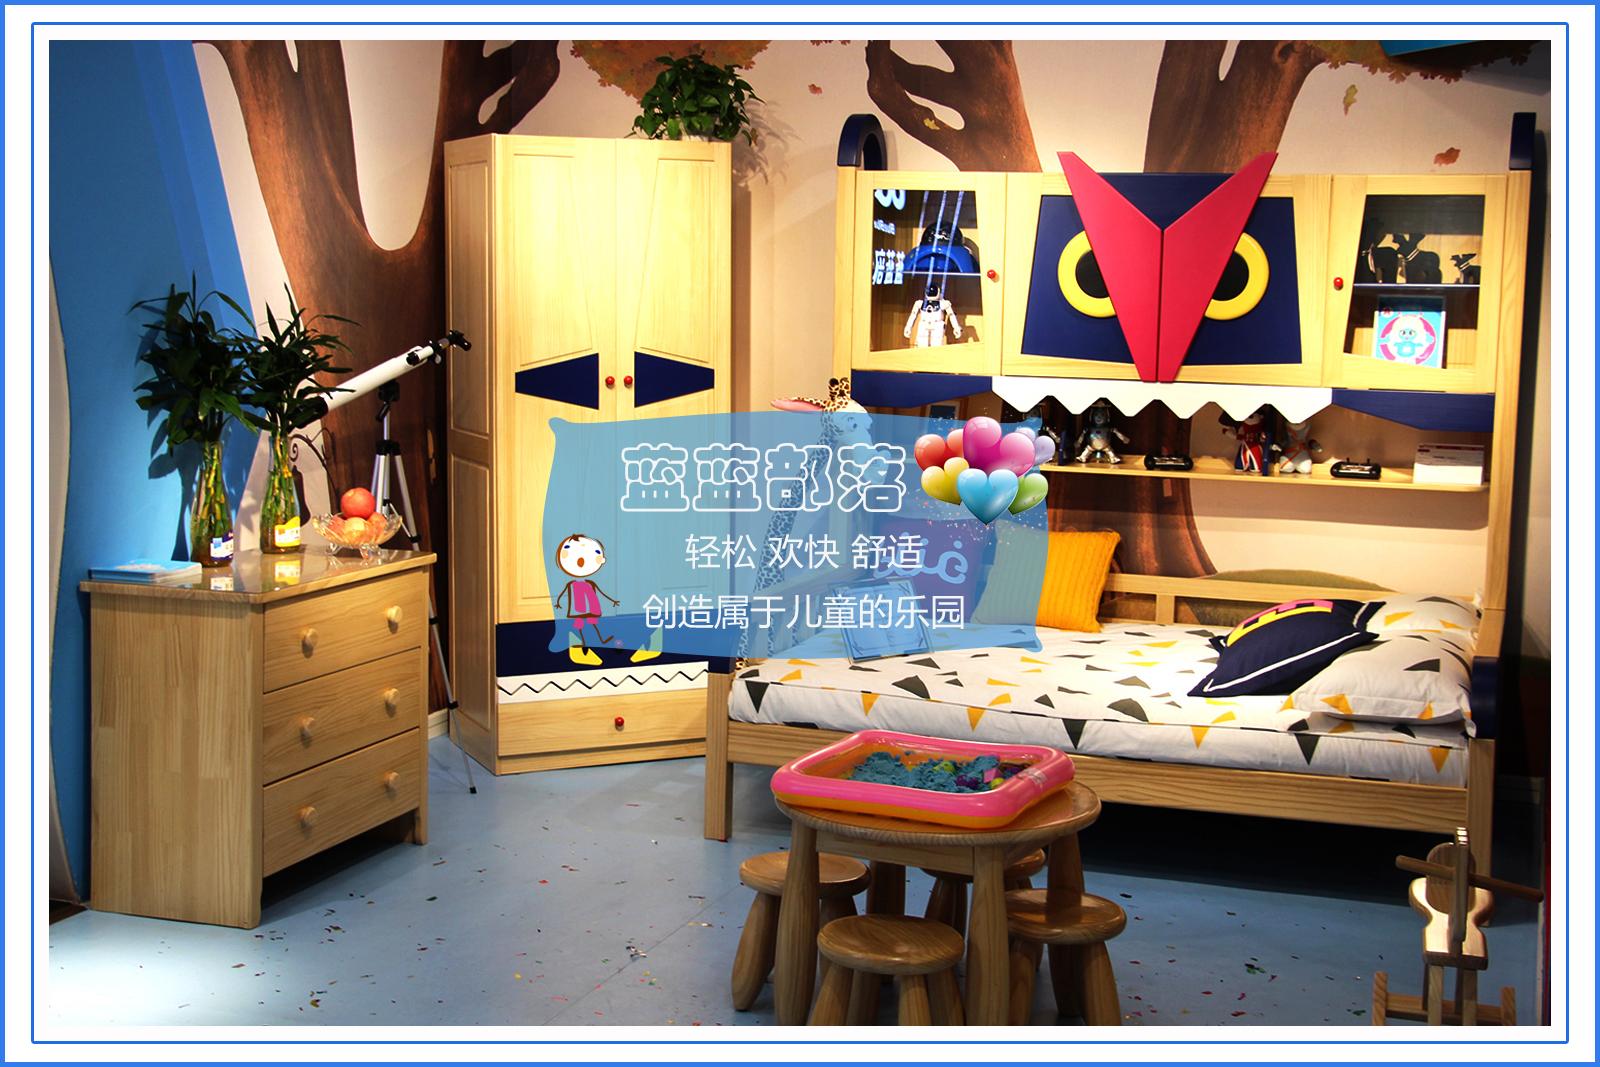 蓝蓝部落儿童家具让孩子健康快乐的成长